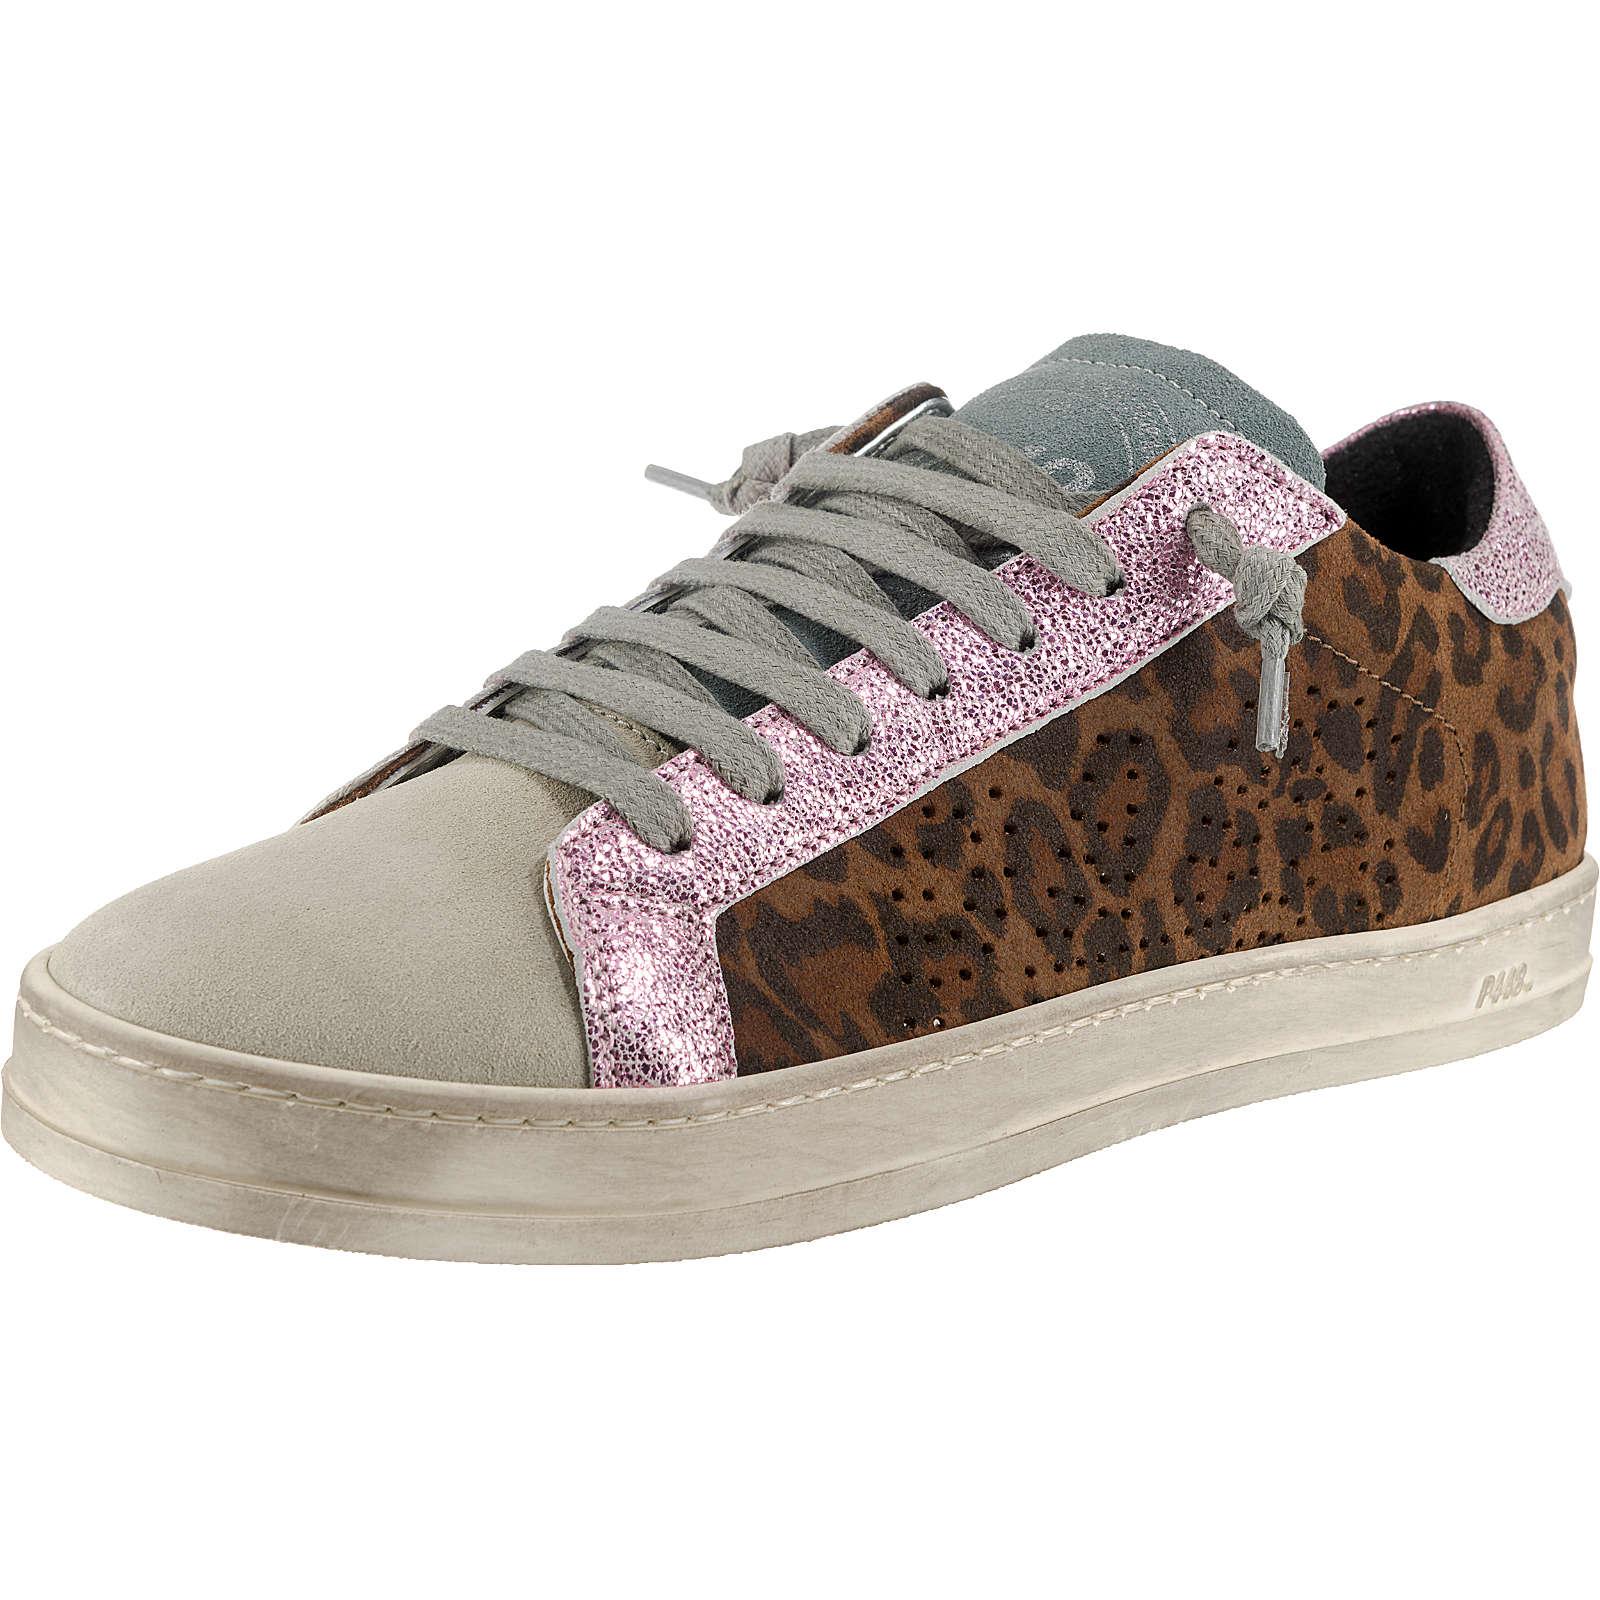 P448 Sneakers Low mehrfarbig Damen Gr. 39